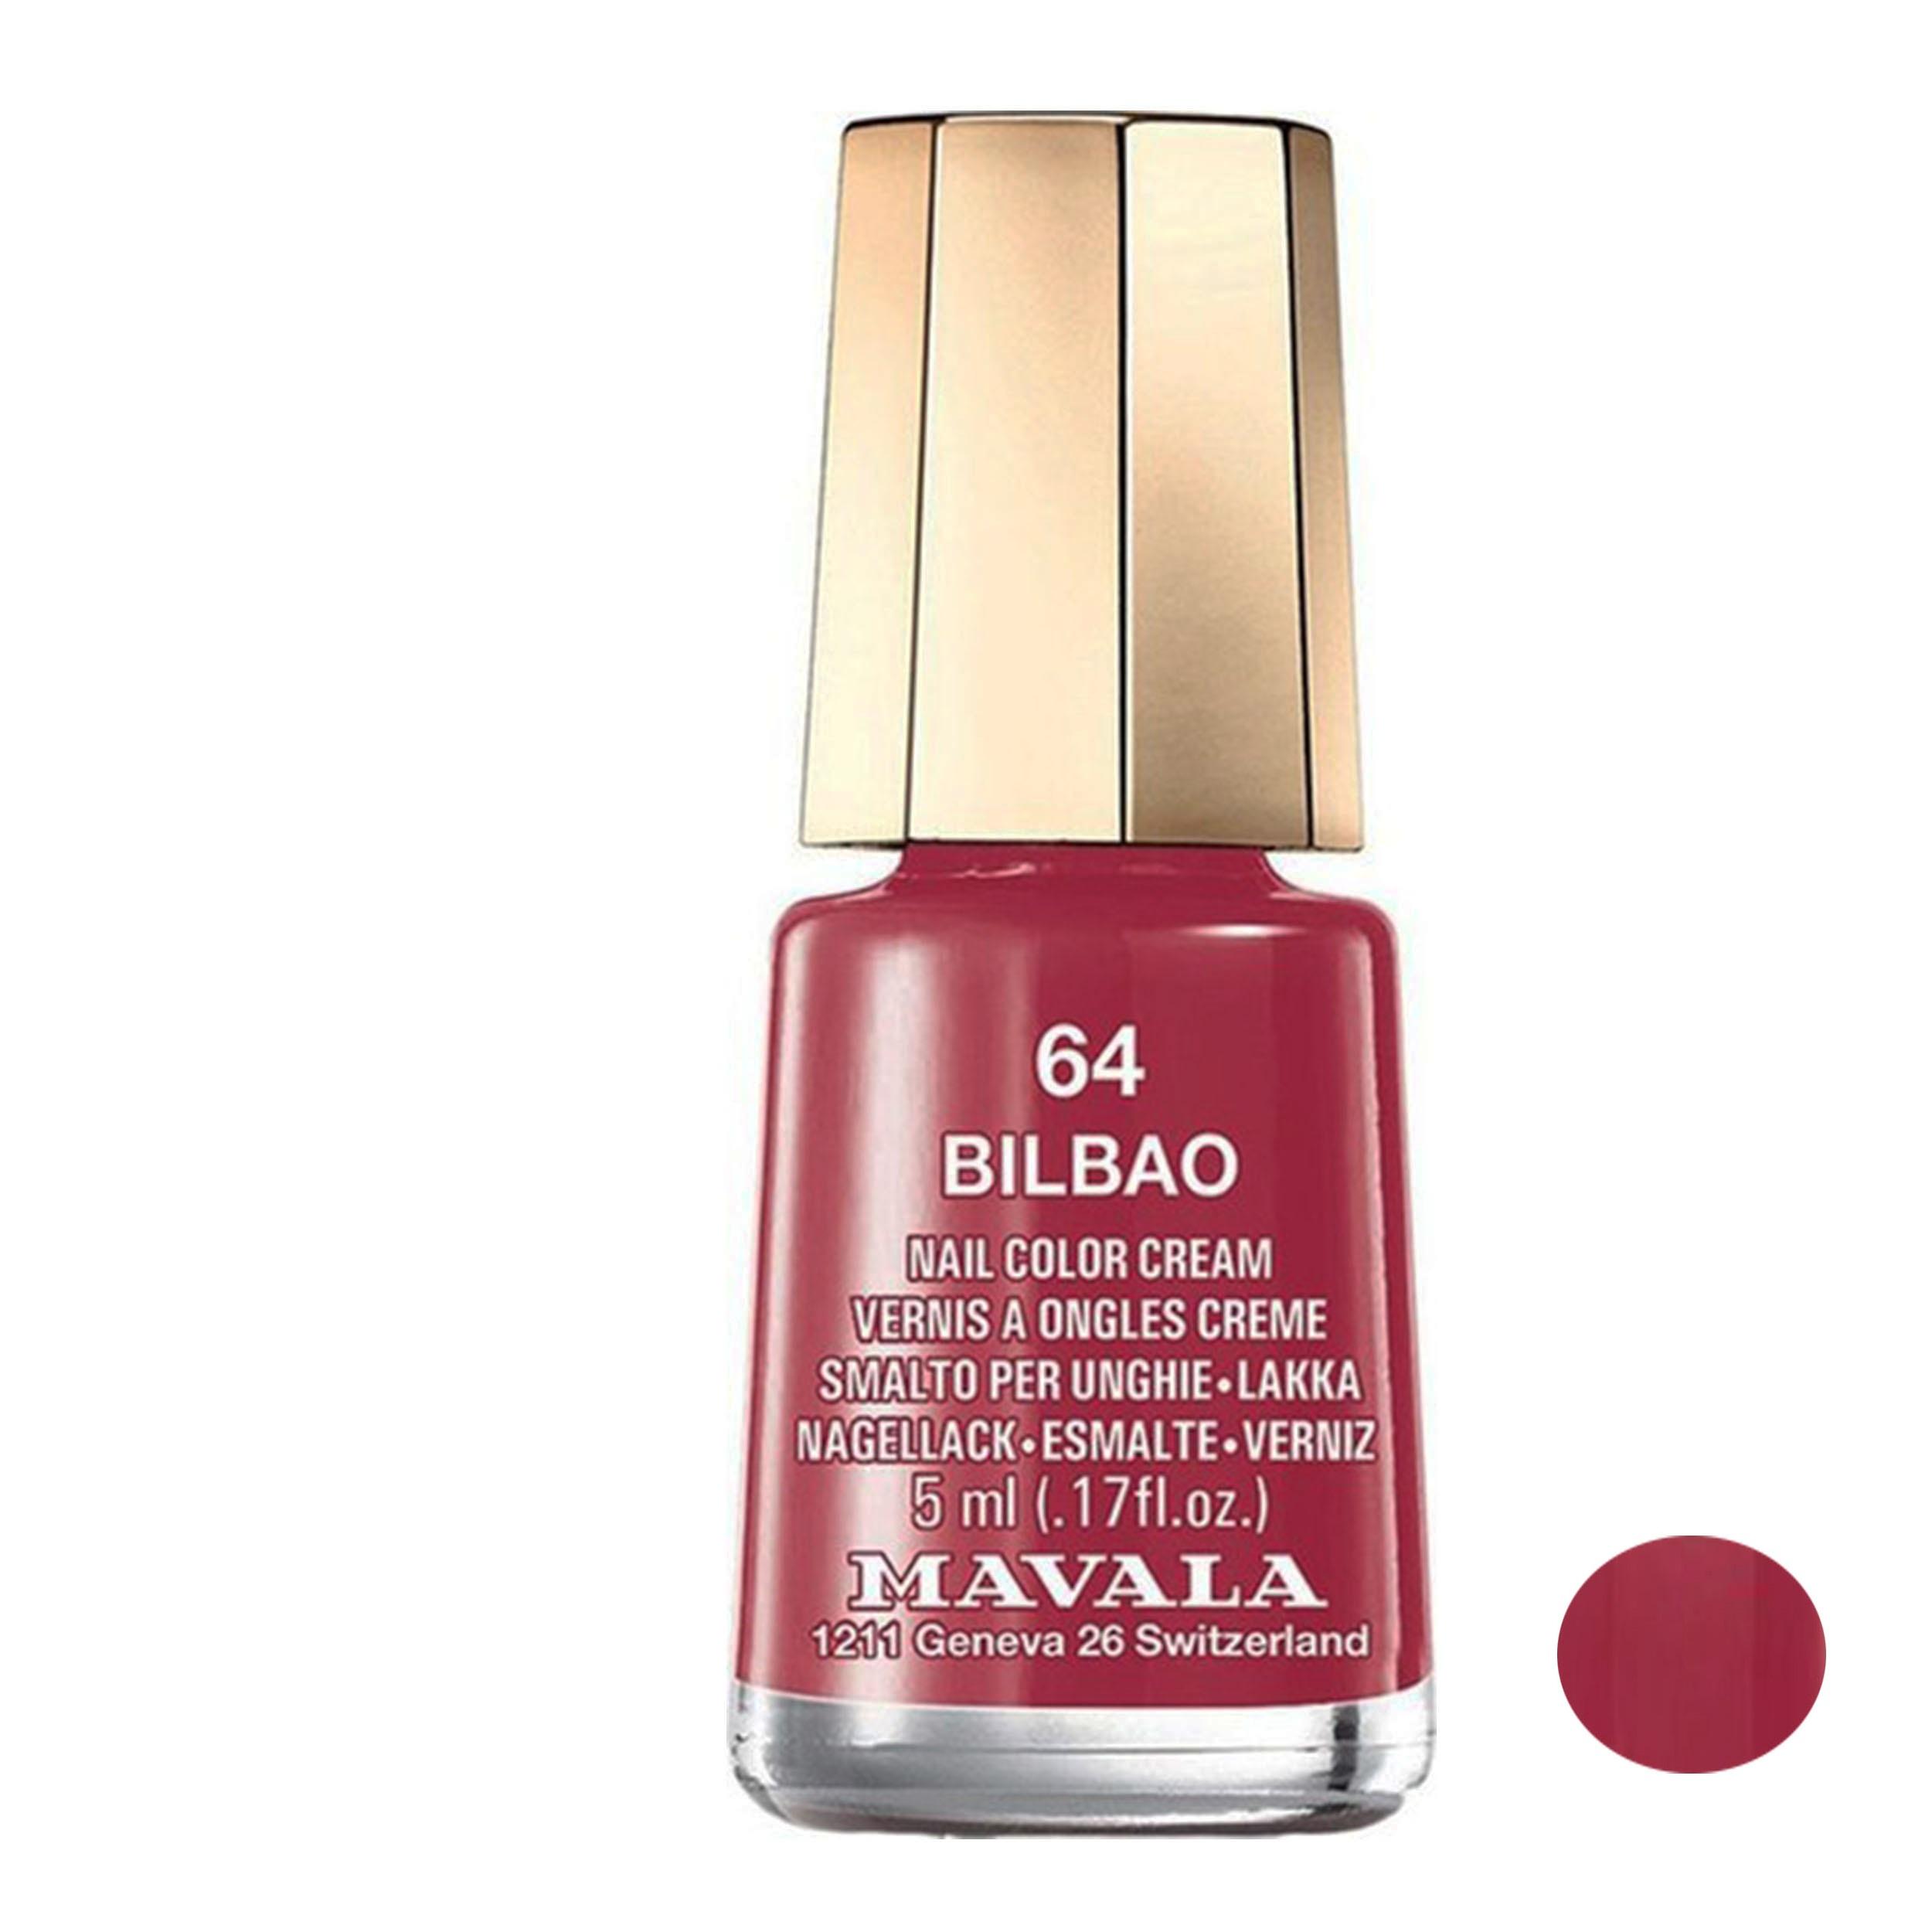 لاک ناخن ماوالا مدل Bilbao  شماره 64